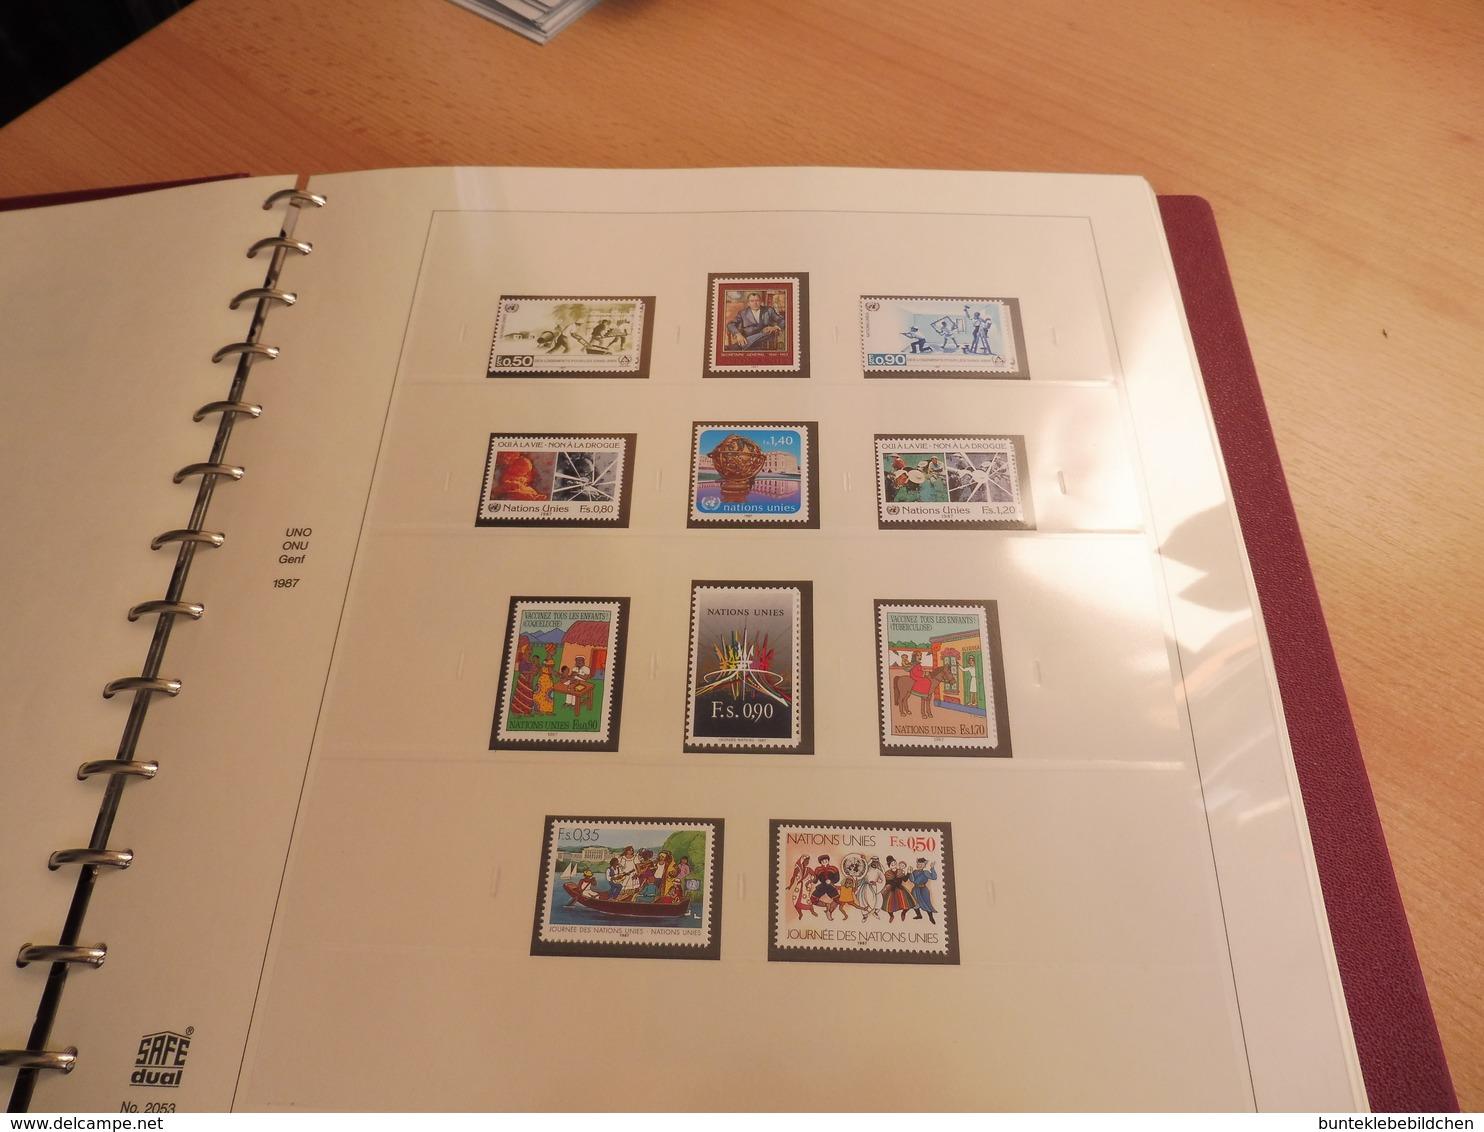 UNO- Genf- Sammlung Nach Vordruck Komplett .... Alles Abgebildet - Briefmarken